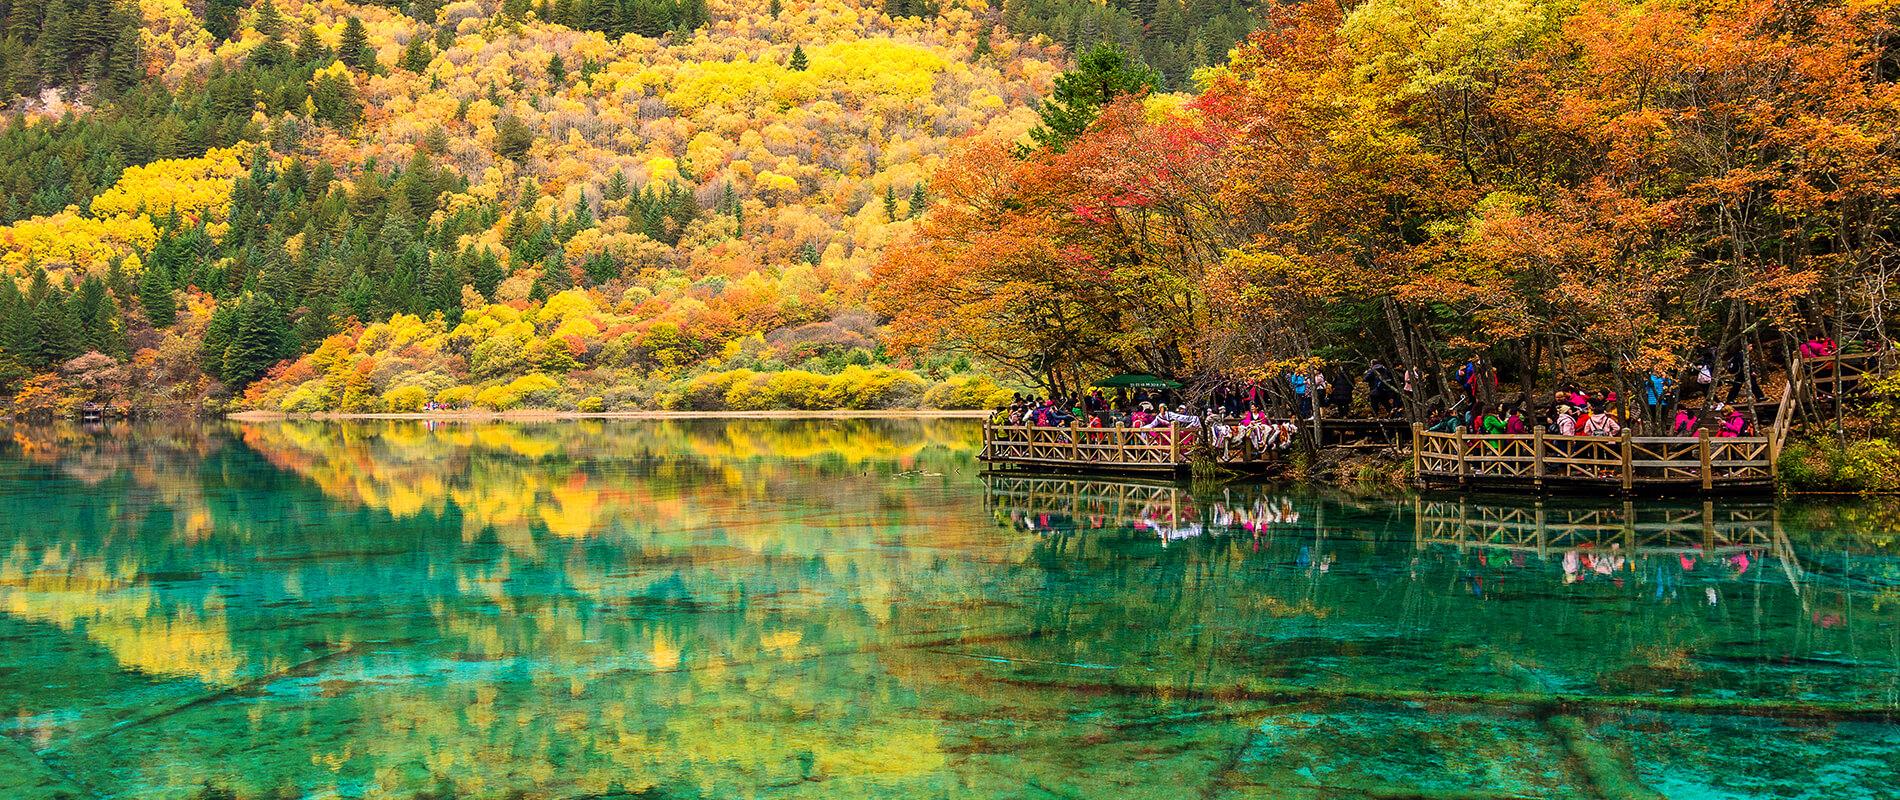 Il Lago dei cinque fiori, uno specchio d'acqua trai più belli del mondo